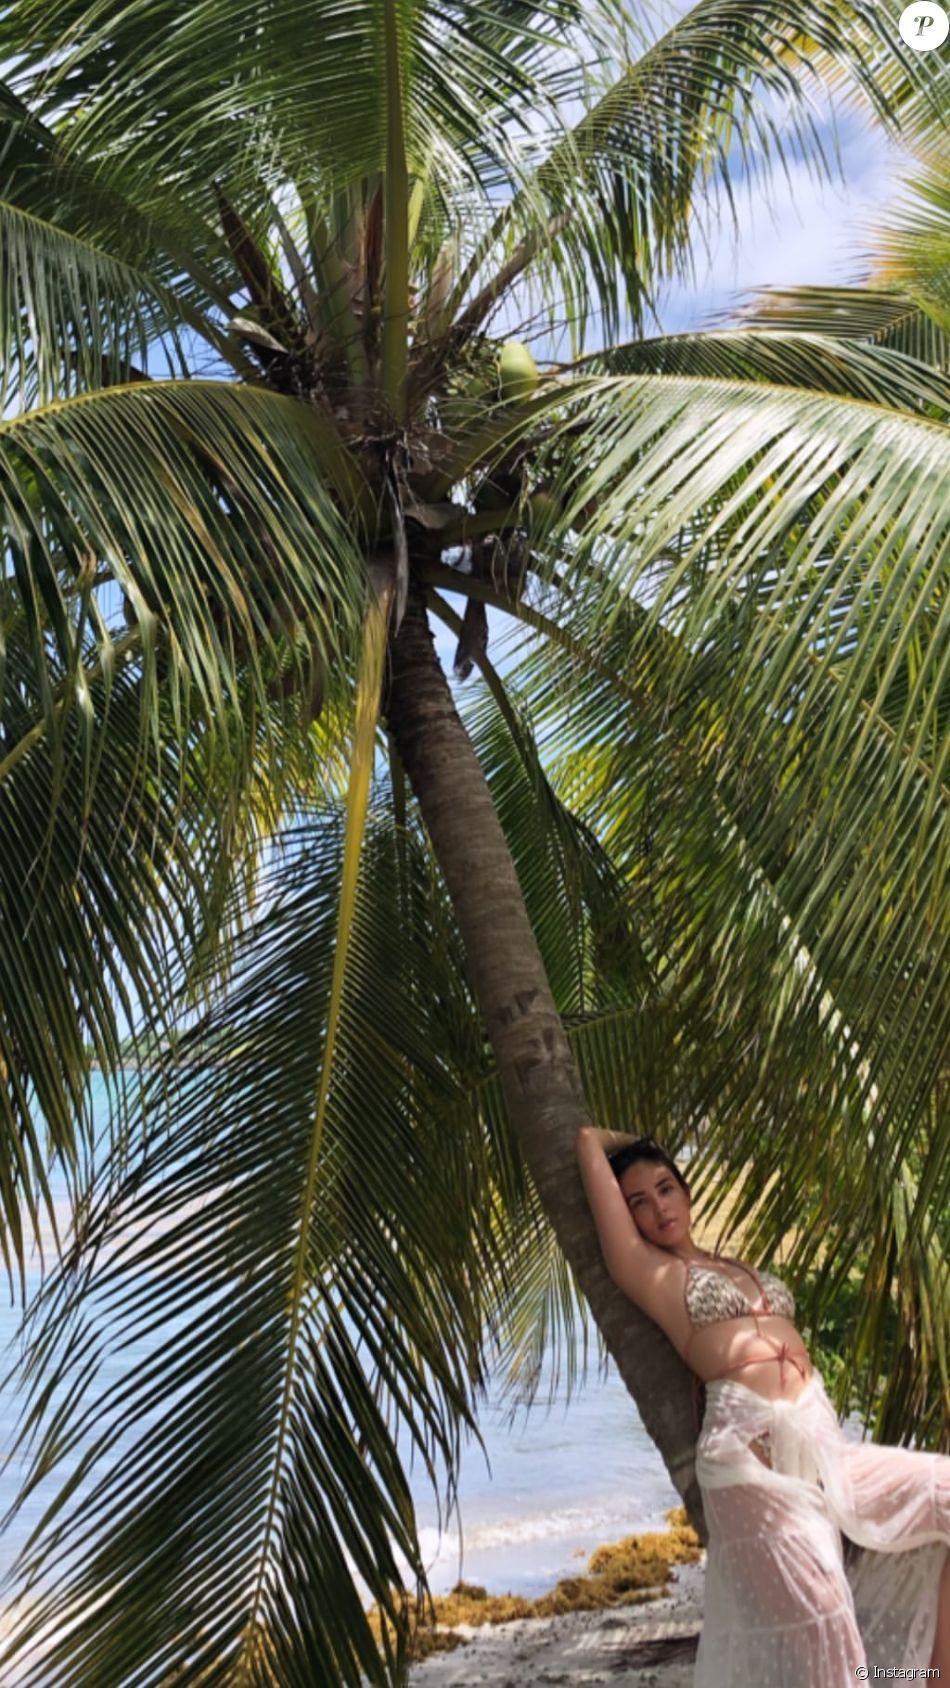 Agathe Auproux a partagé sur Instagram de nombreuses images de ses vacances en Martinique, en juillet 2019